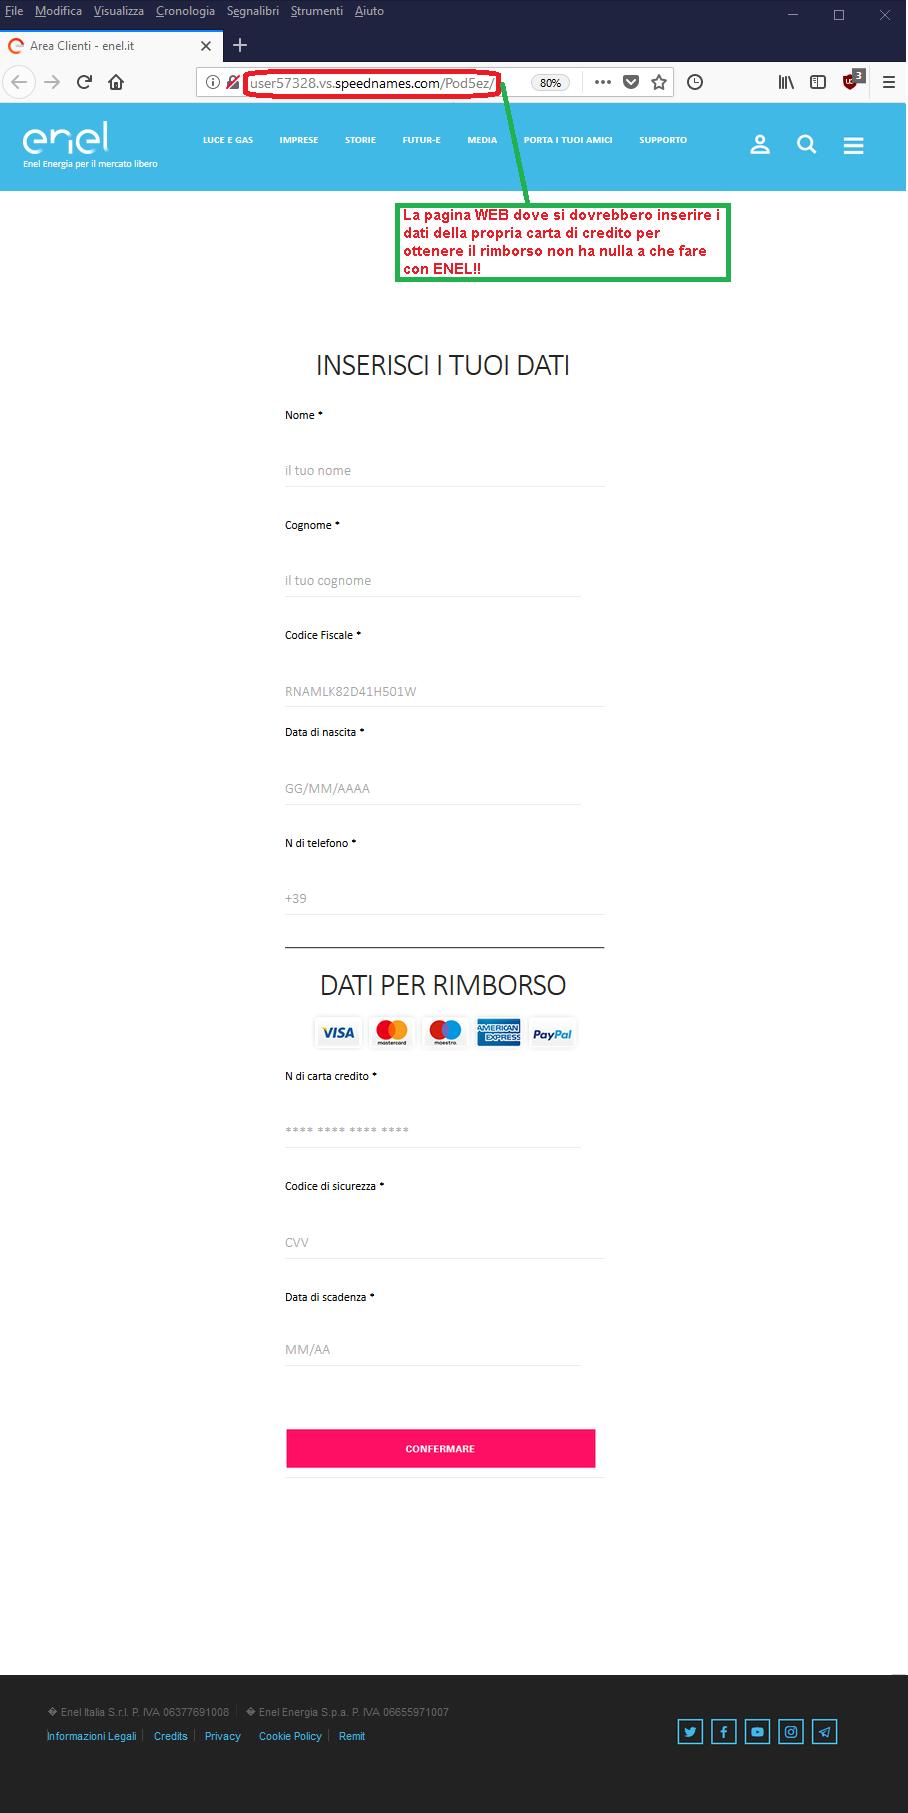 Clicca per ingrandire l'immagine del FALSO sito internet di ENEL, che dovrebbe dare la possibilità al ricevente di effettuare un rimborso ma che in realtà ha l'obiettivo di rubare dati sensibili!!